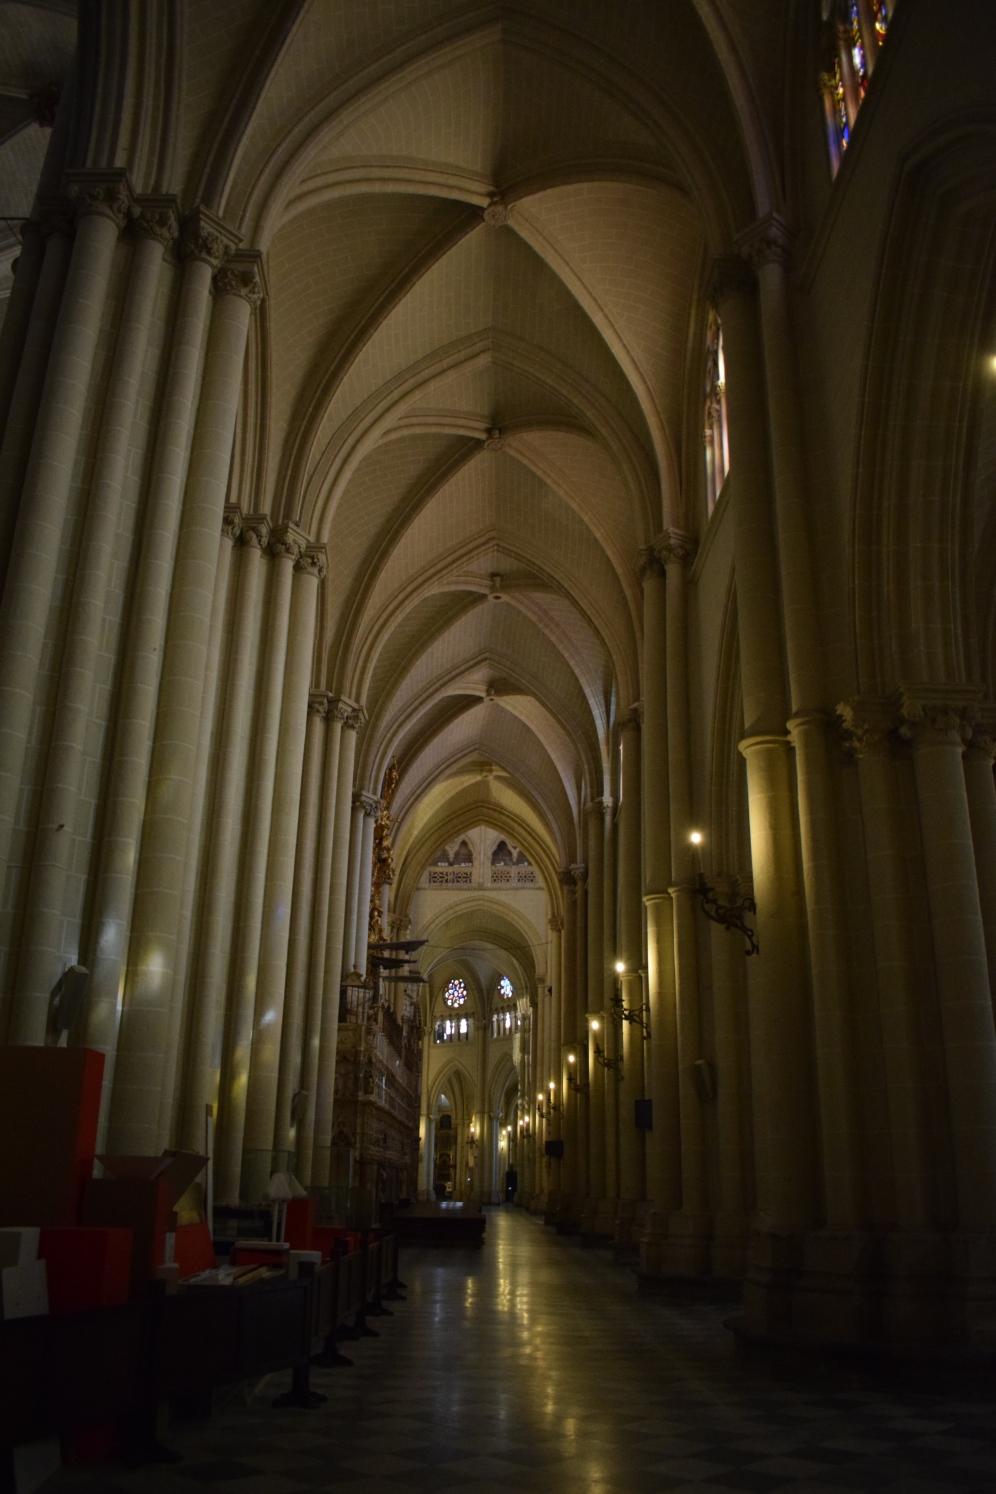 Catedral de Toledo. Nave lateral. foto: cipripedia.